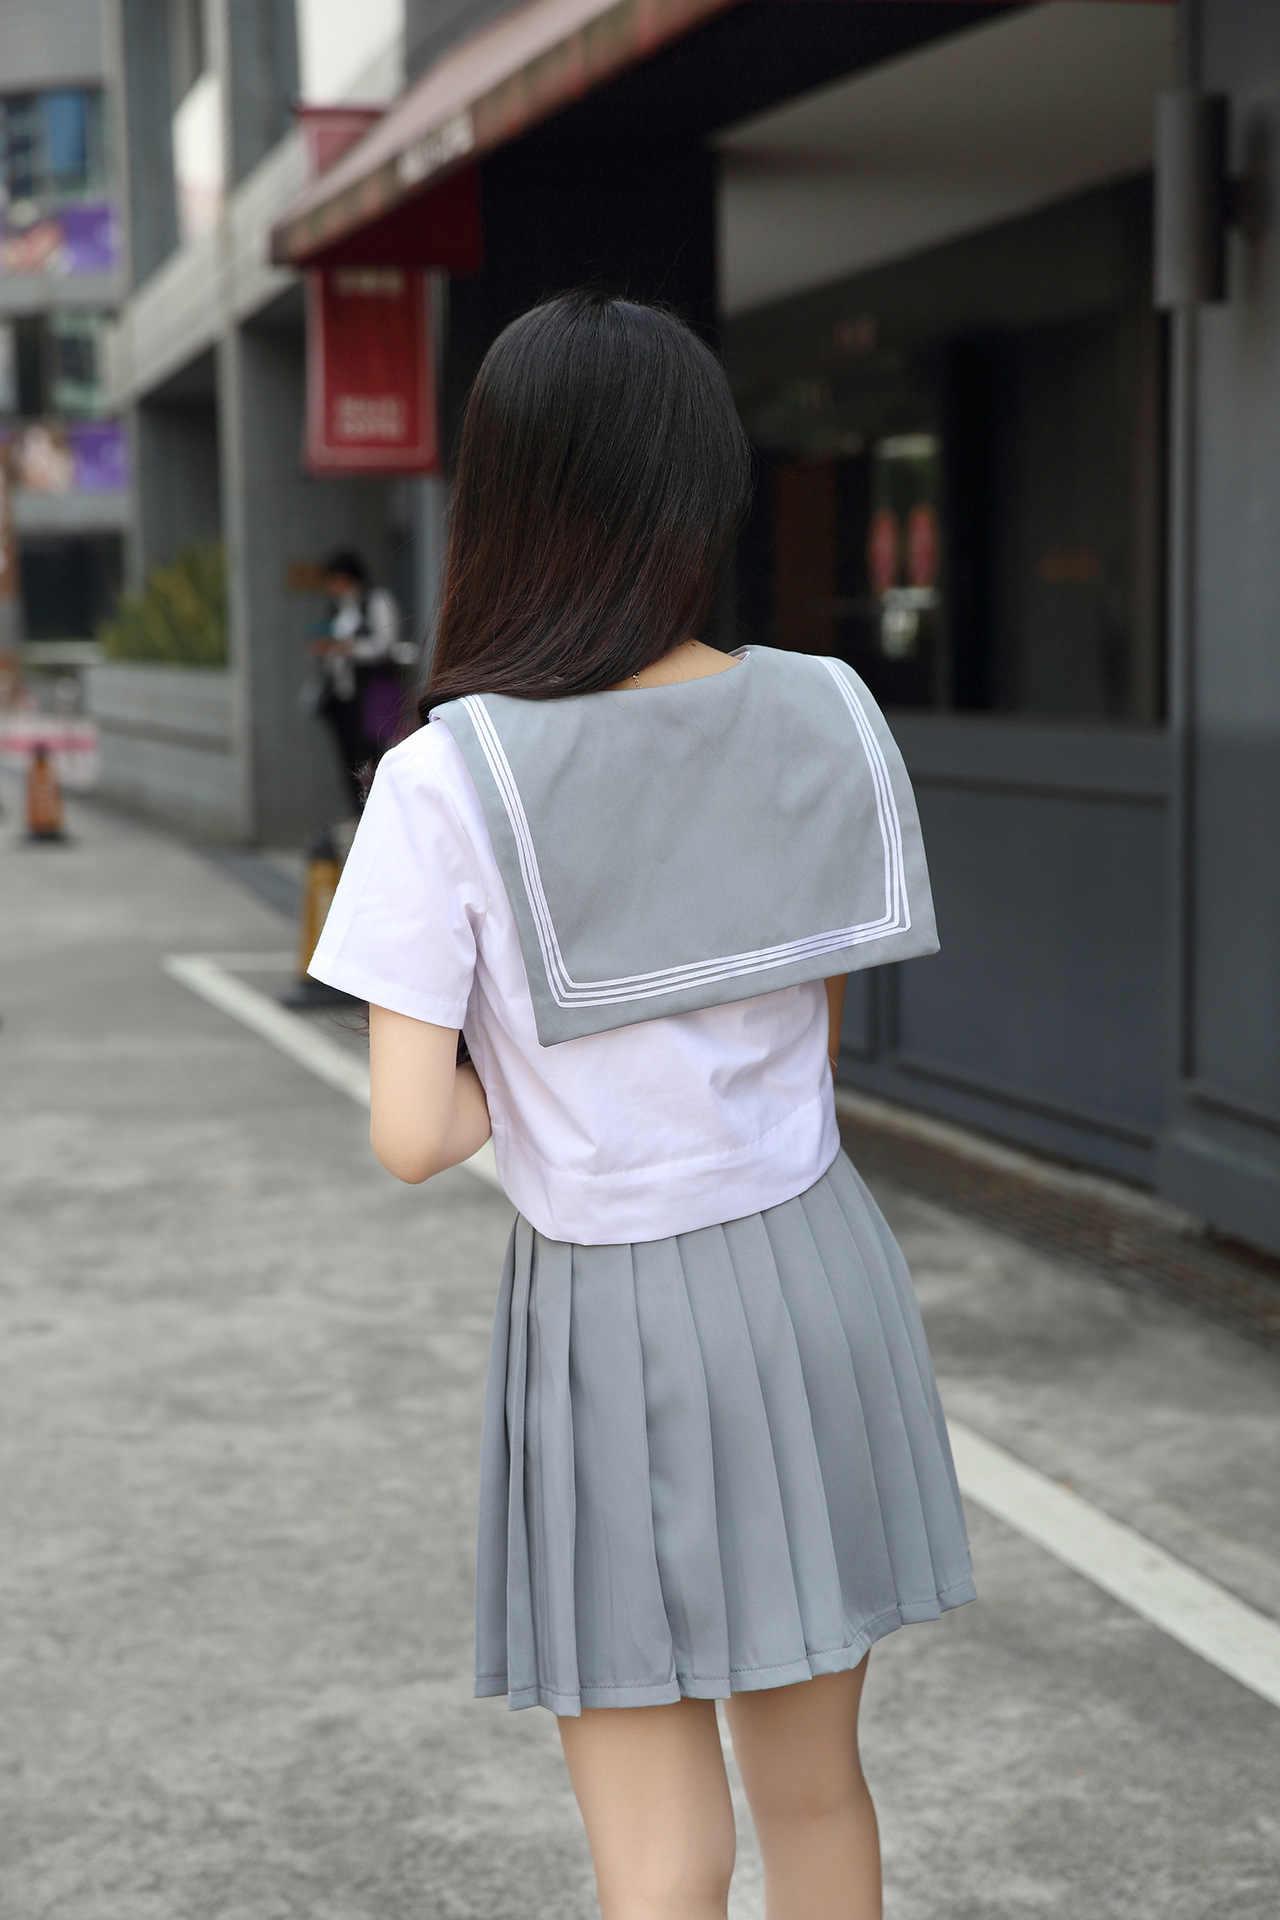 Япония Южная Корея школьная форма топы с короткими рукавами и плиссированная юбка британский морской стиль моряцкий костюм Студенческая форма